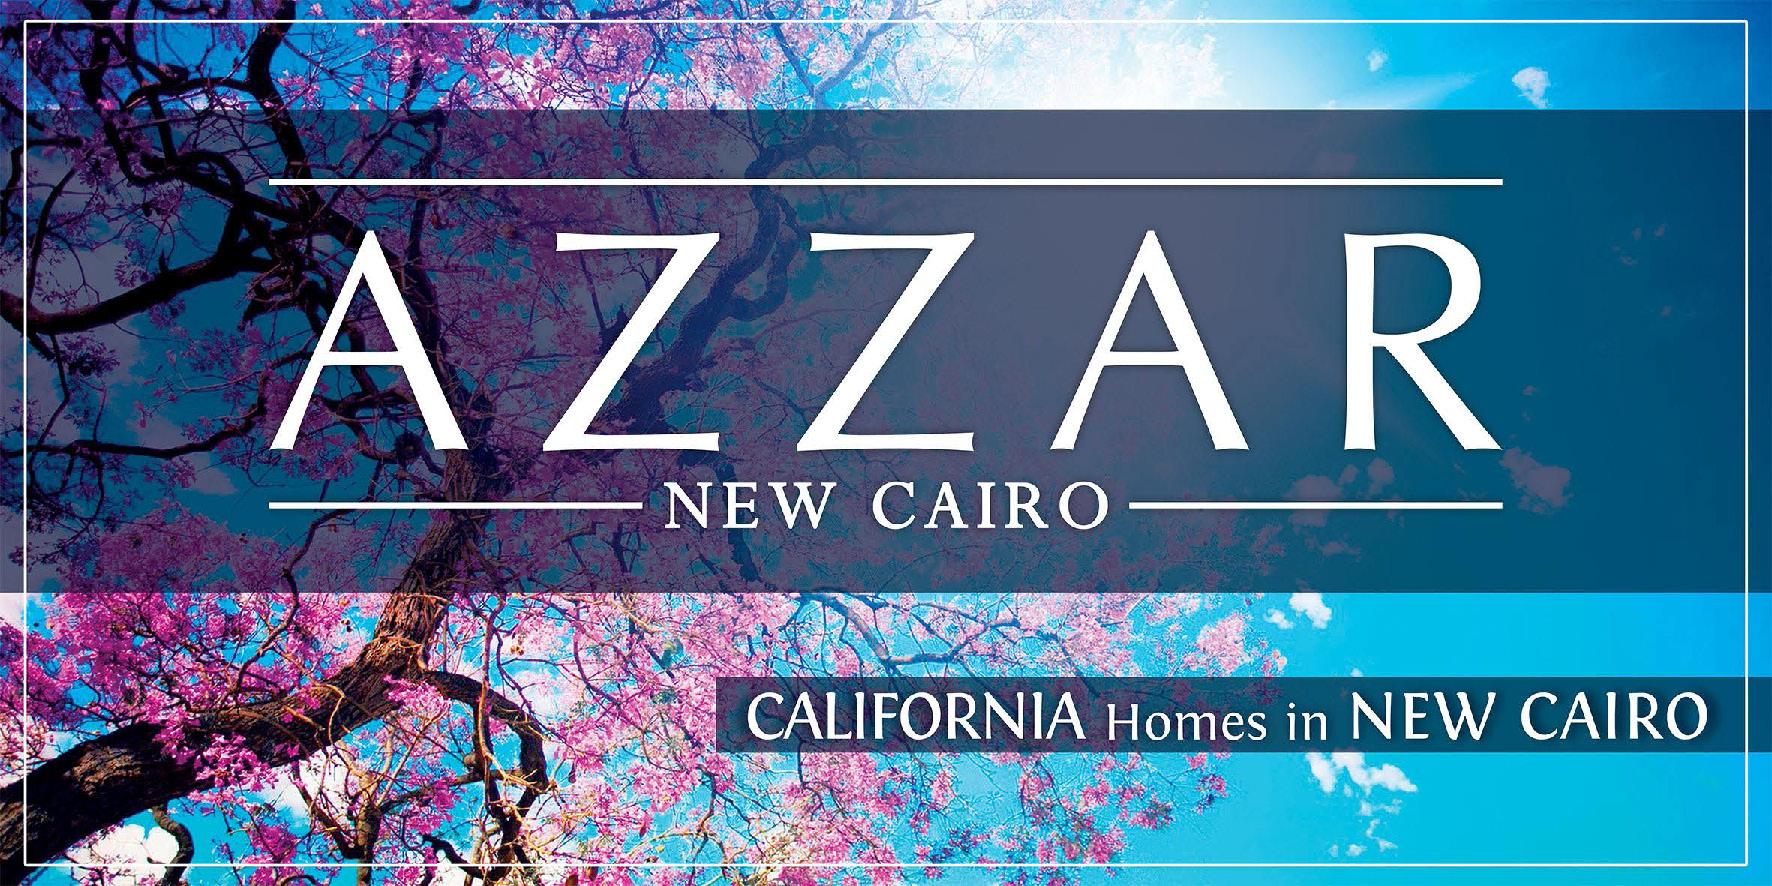 كمبوند ازار التجمع الخامس- Azzar New Cairo